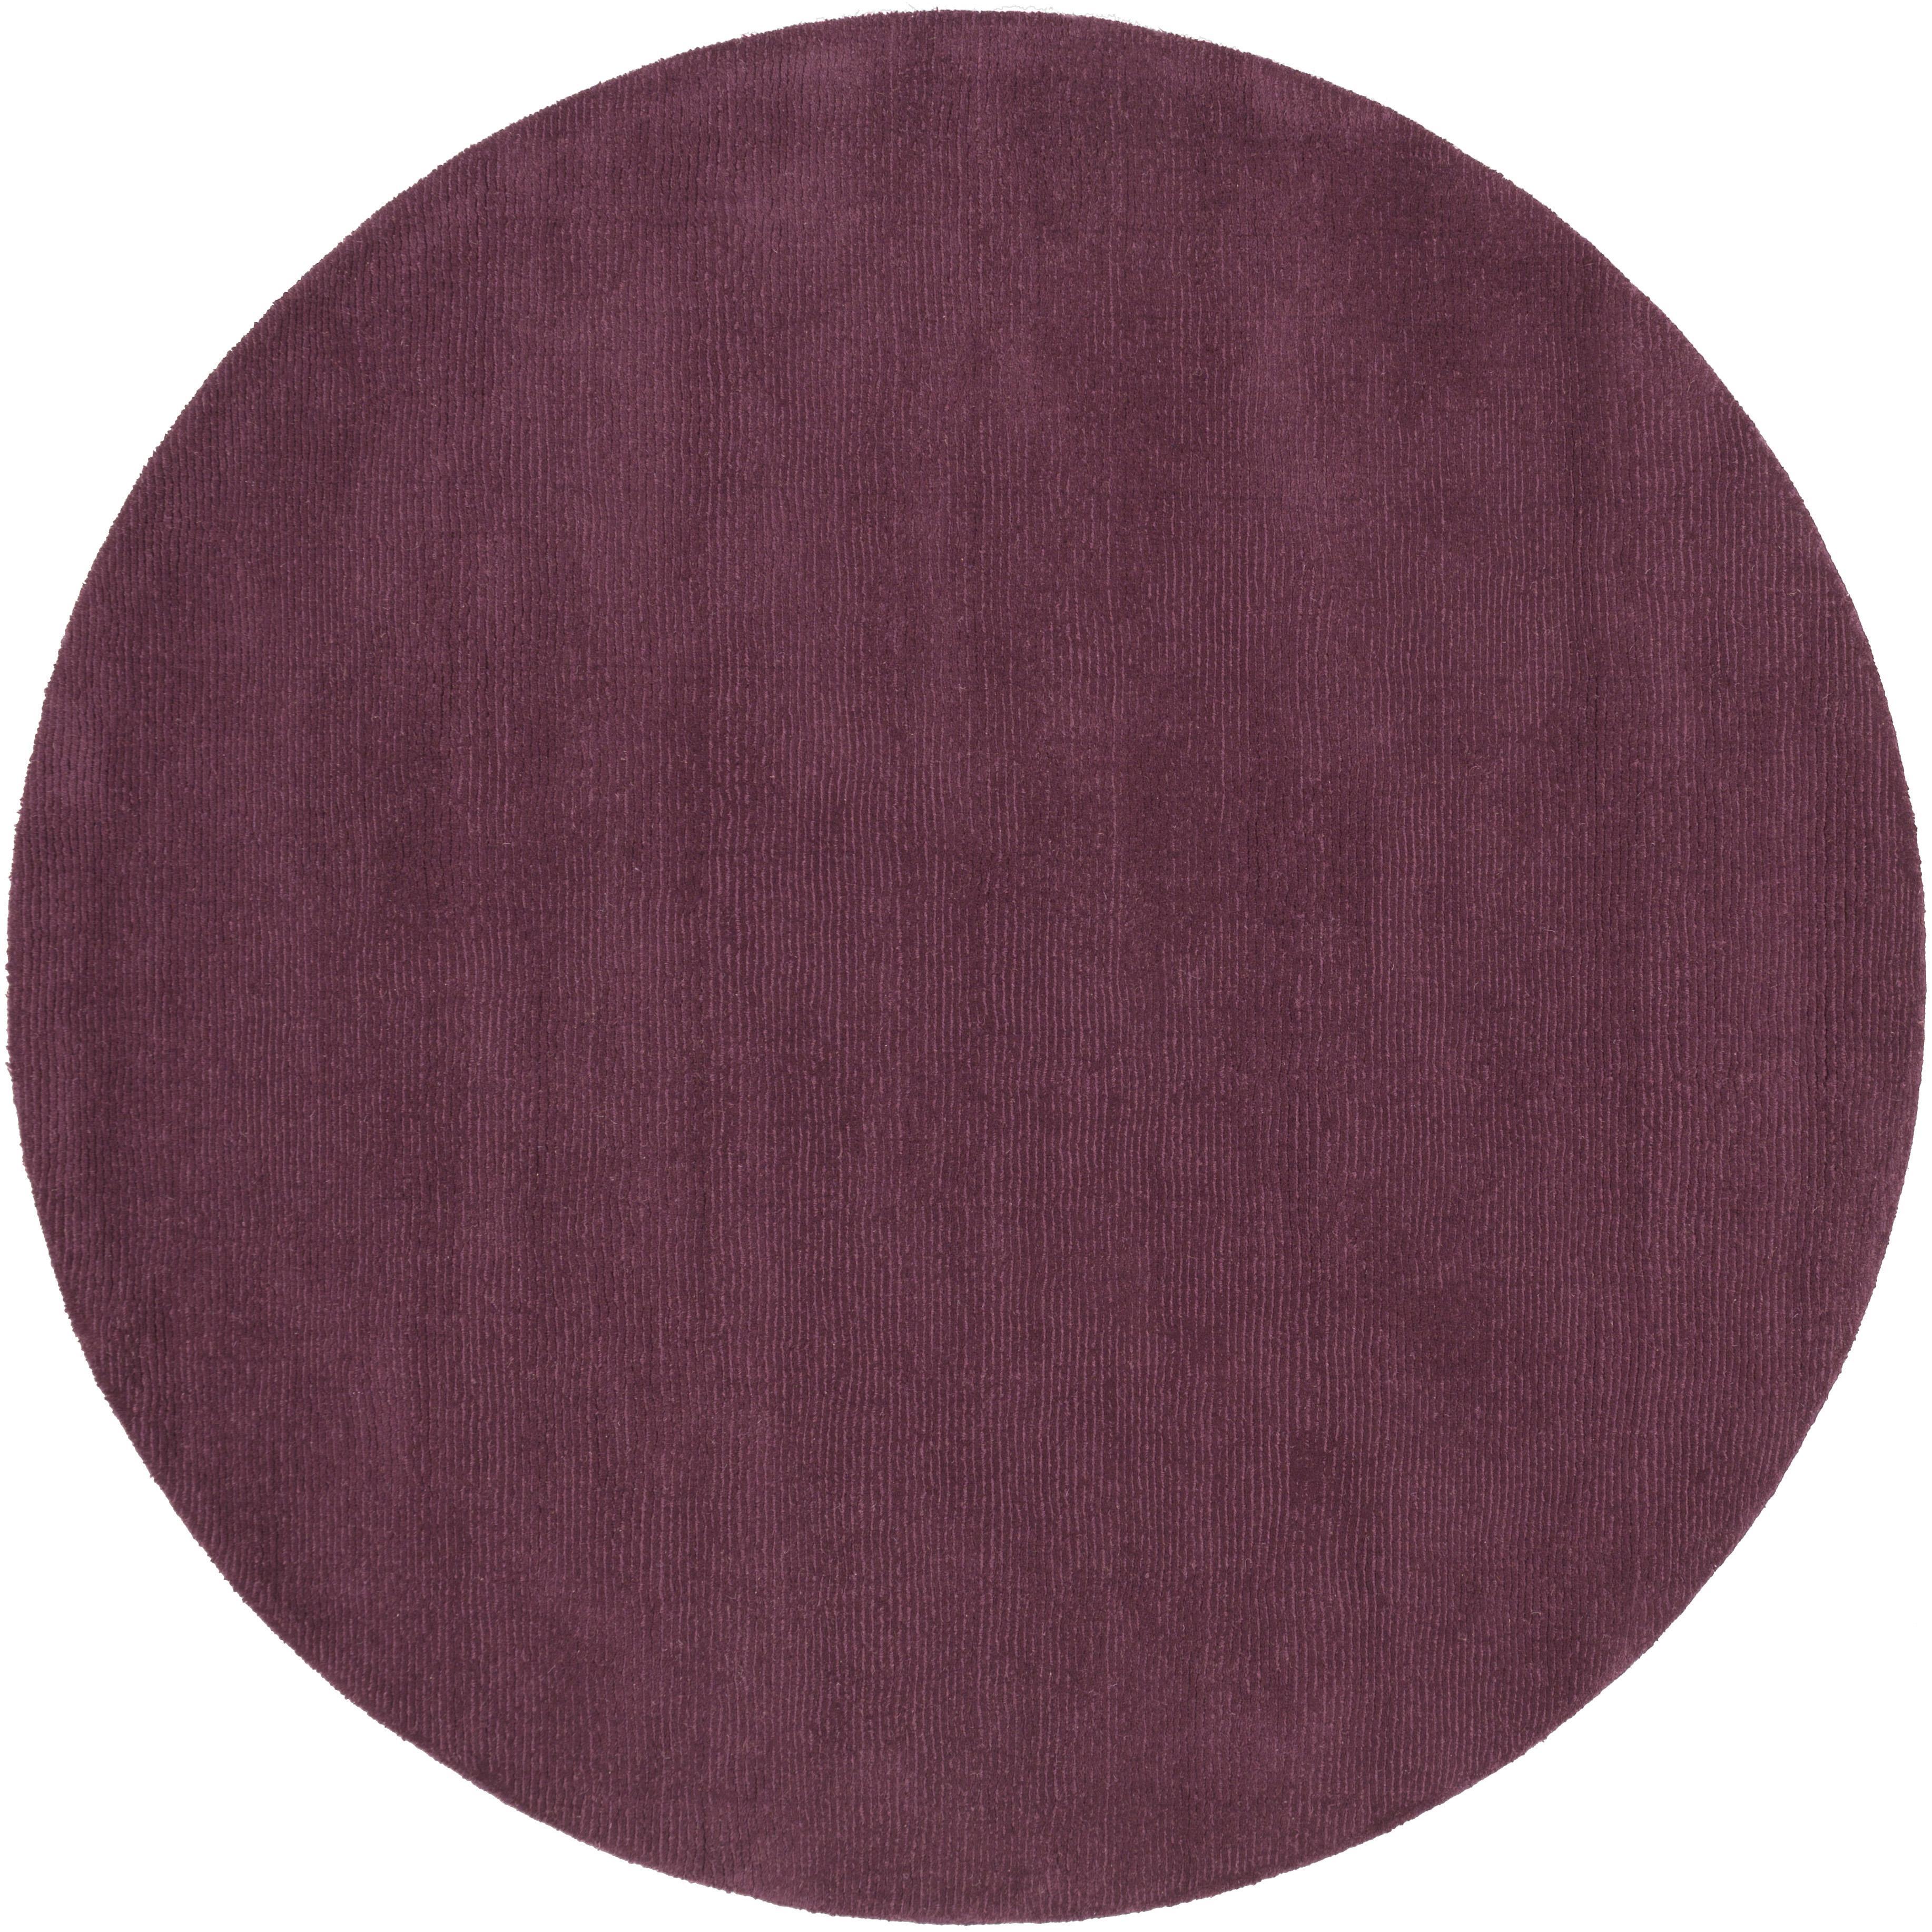 Surya Mystique 8' Round - Item Number: M5326-8RD